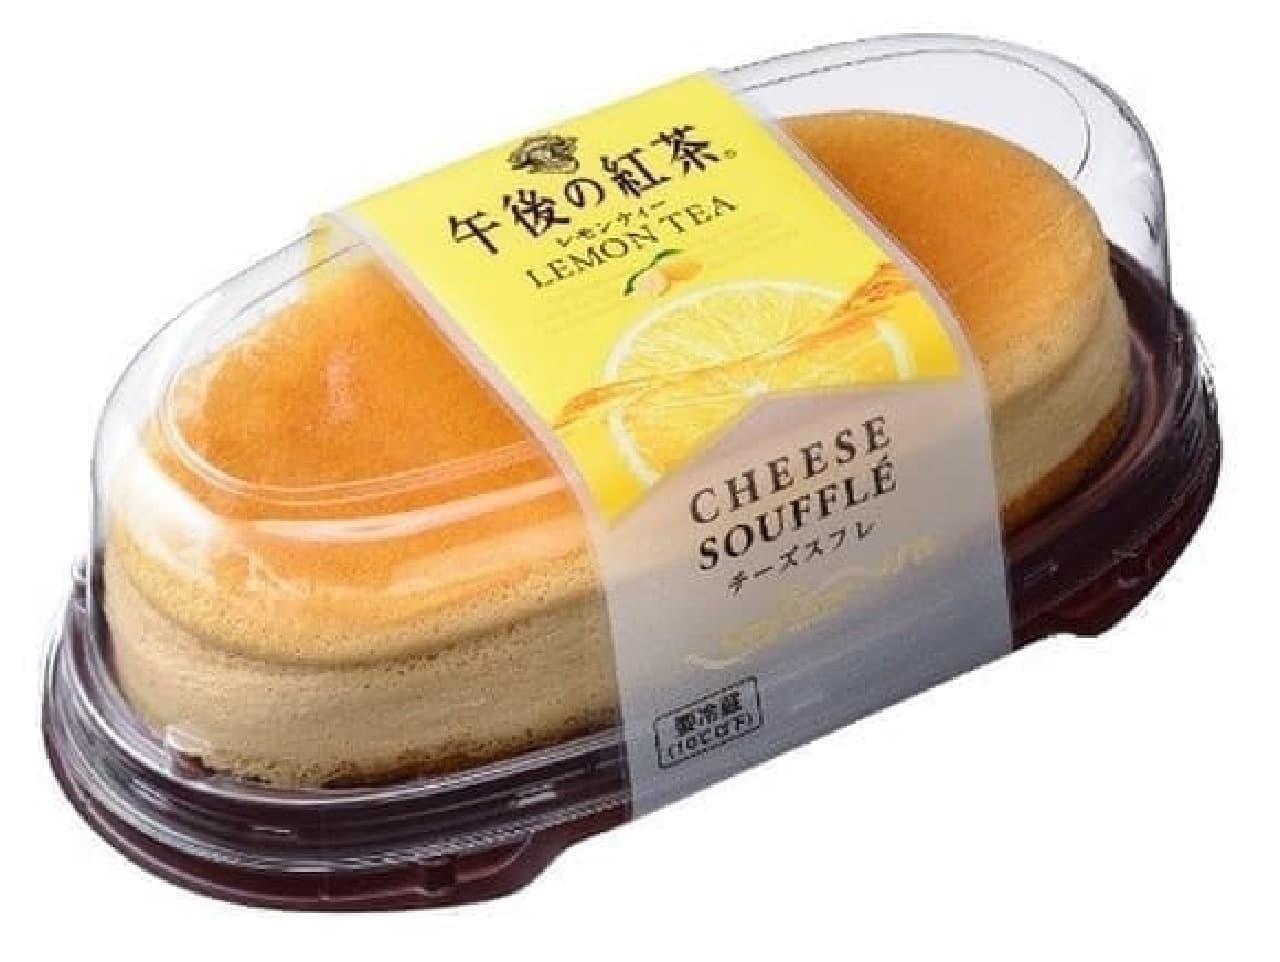 銀座コージーコーナー「チーズスフレ(午後の紅茶 レモンティー)」